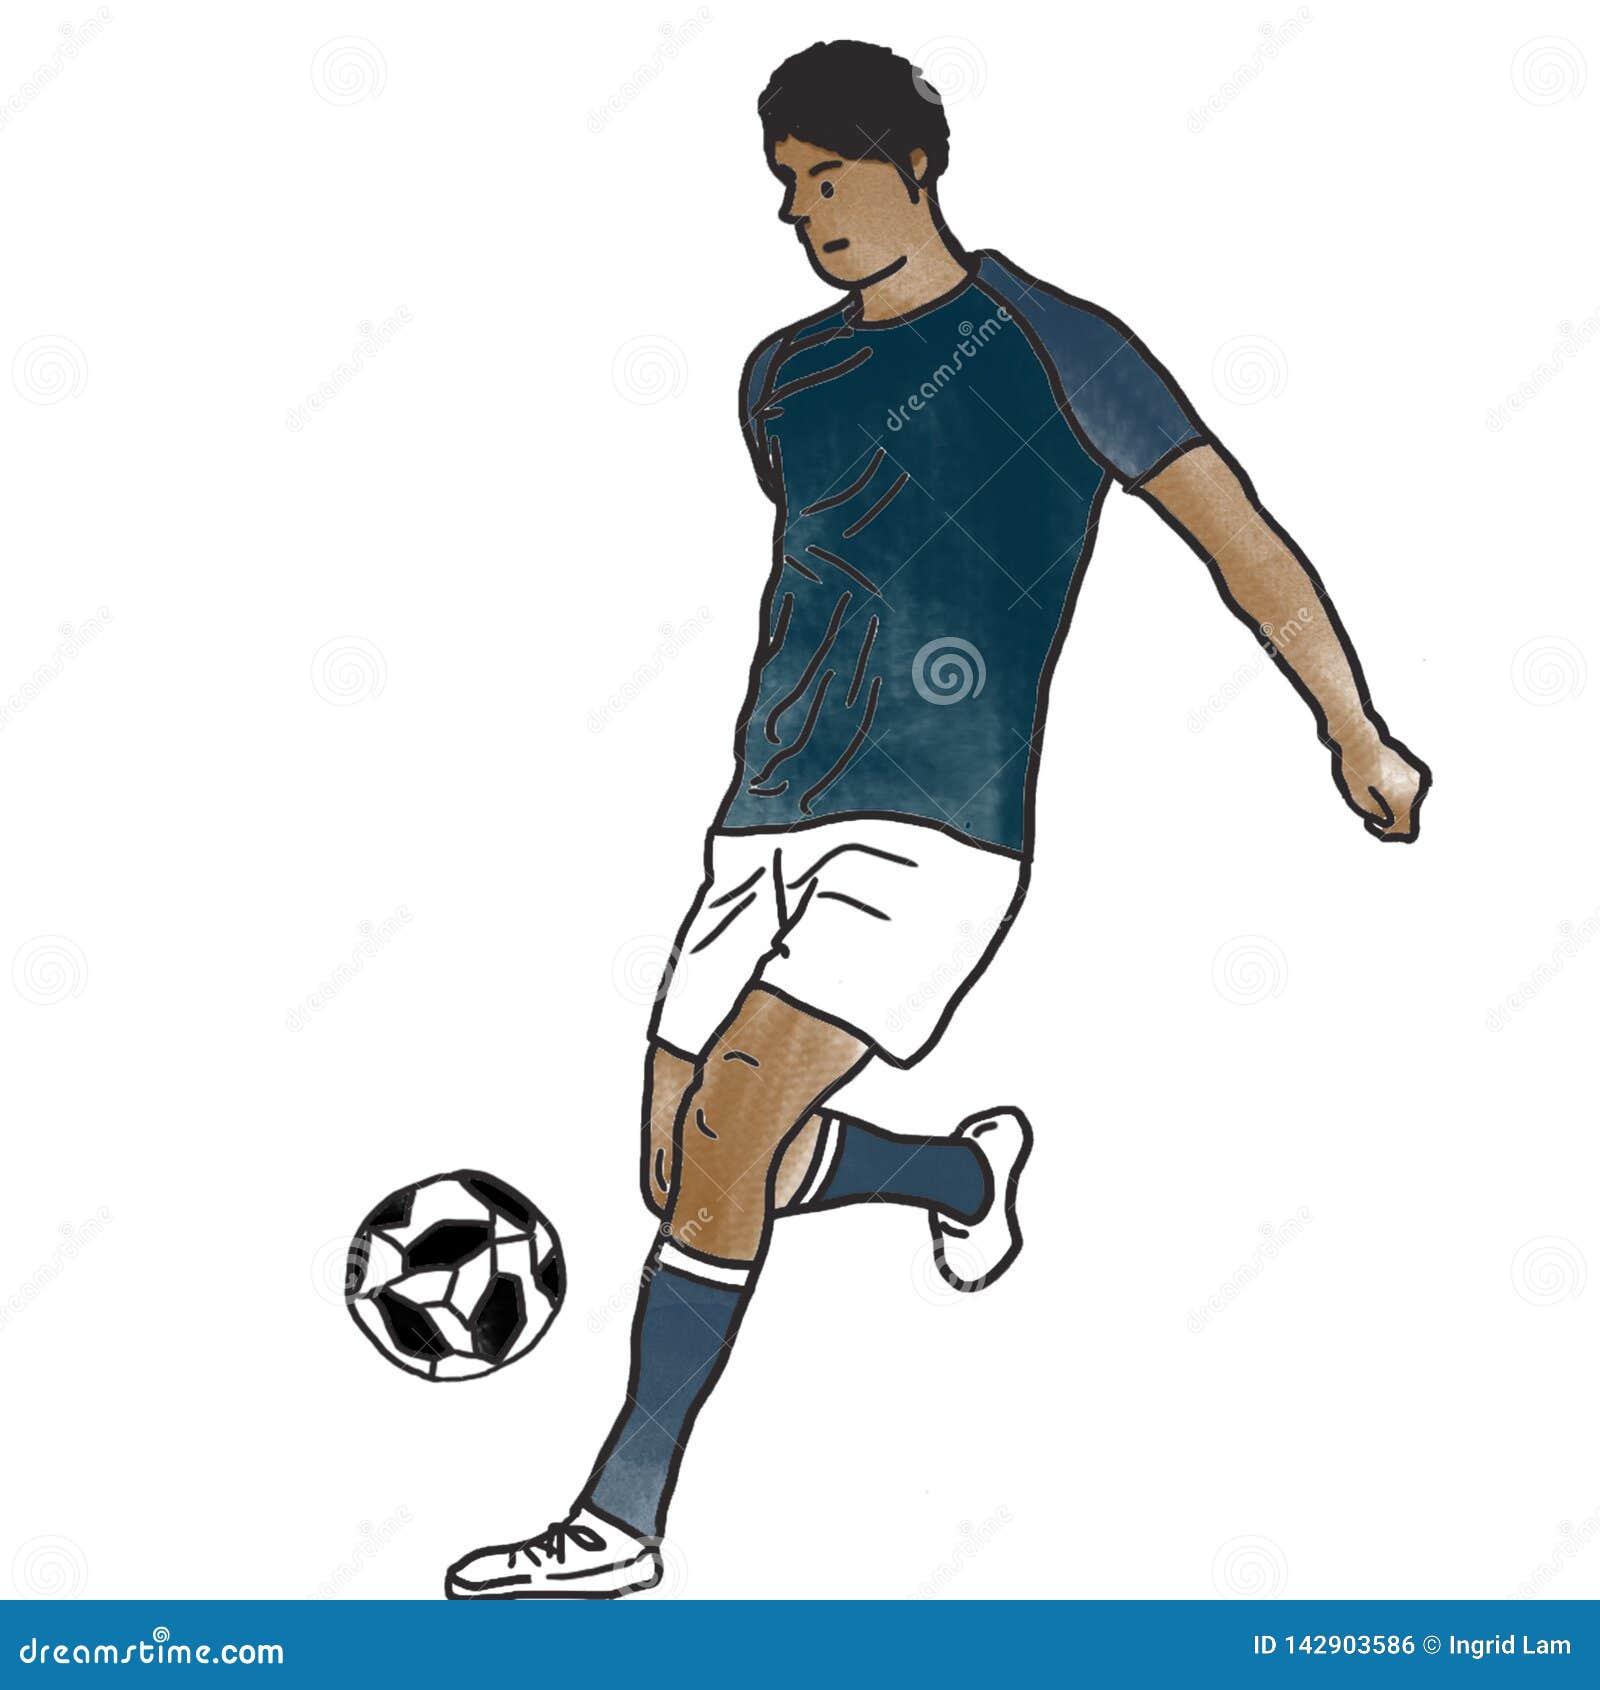 Μια βραζιλιάνα άσκηση ποδοσφαιριστών